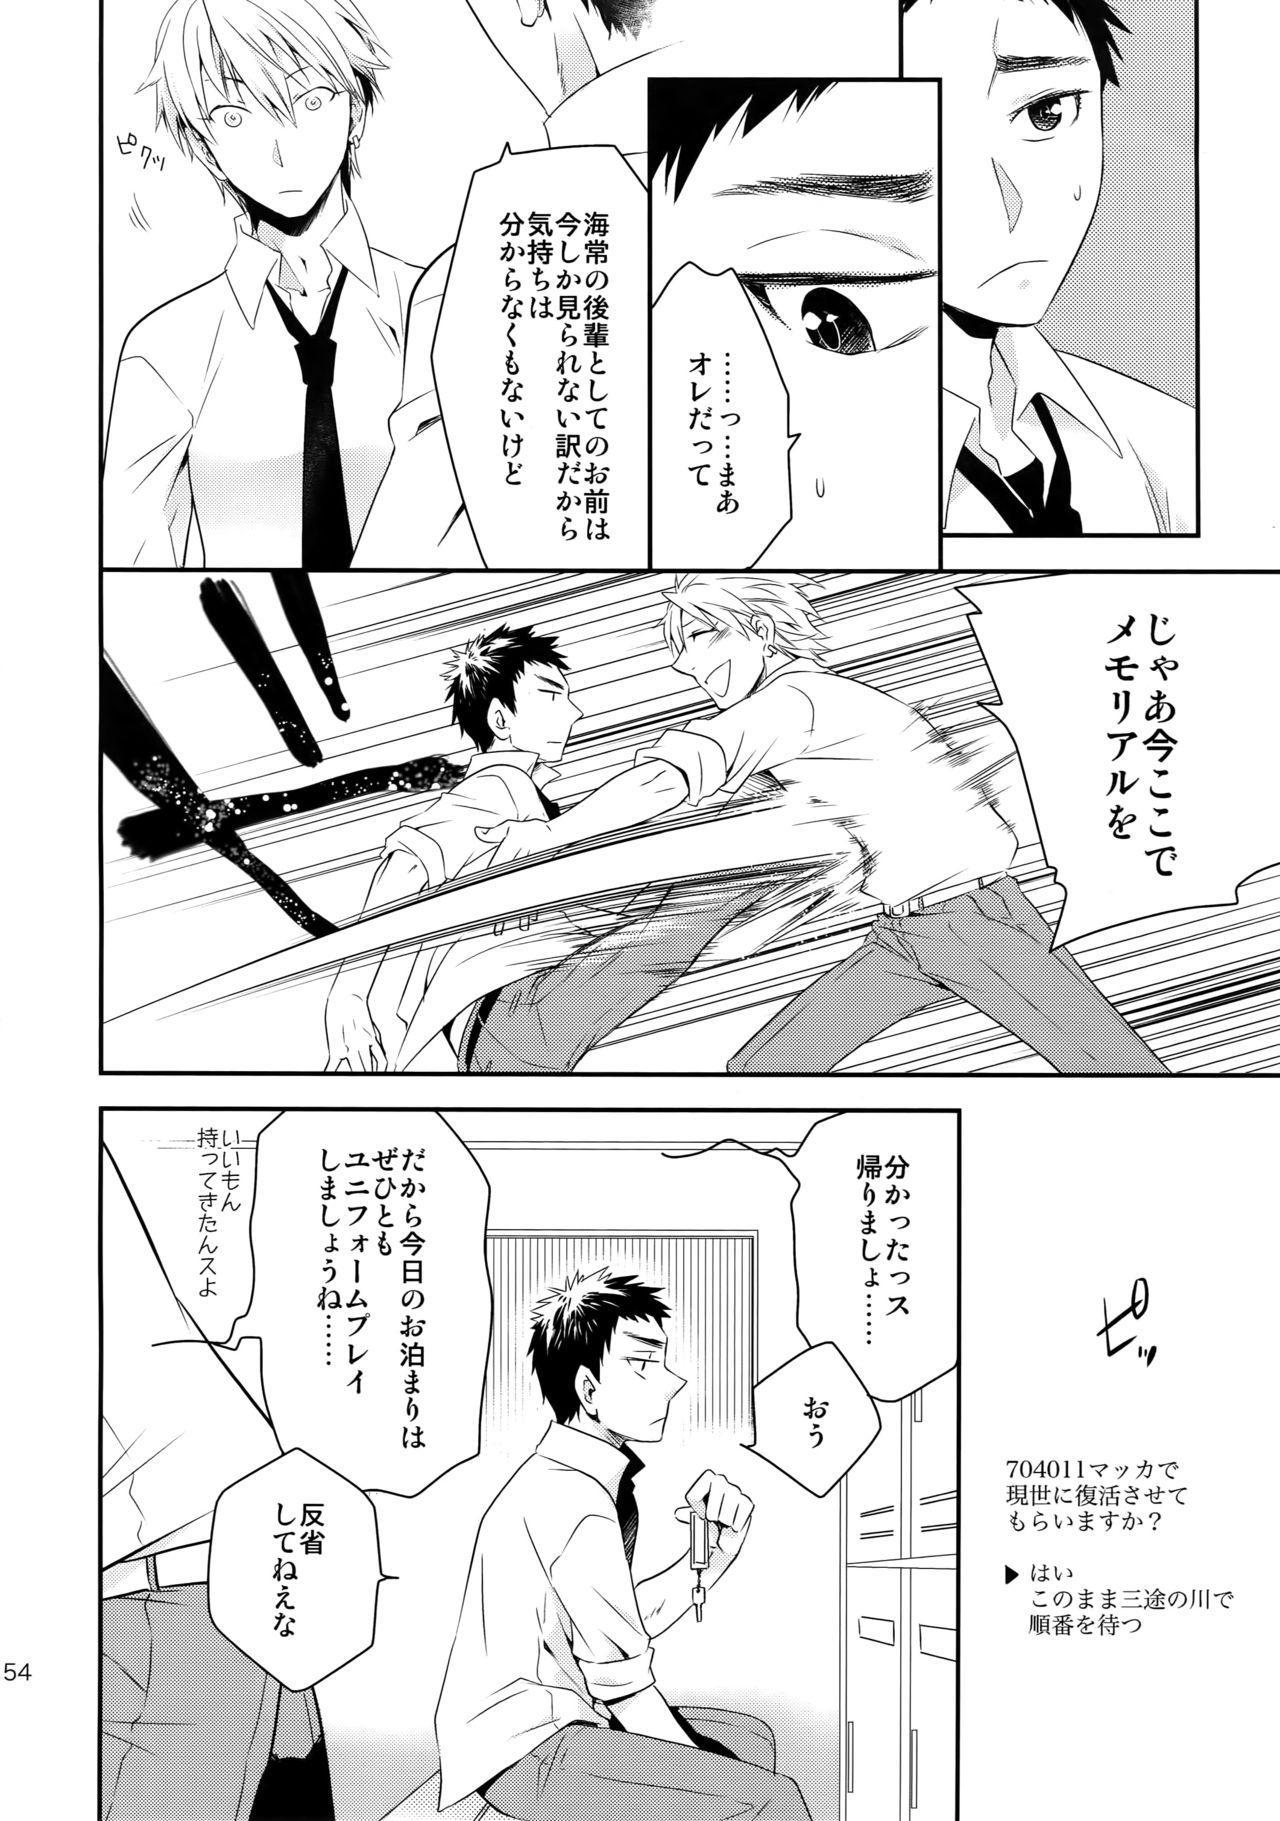 Kanpeki Kareshi to Zettai Ryouiki Ouji-sama 152